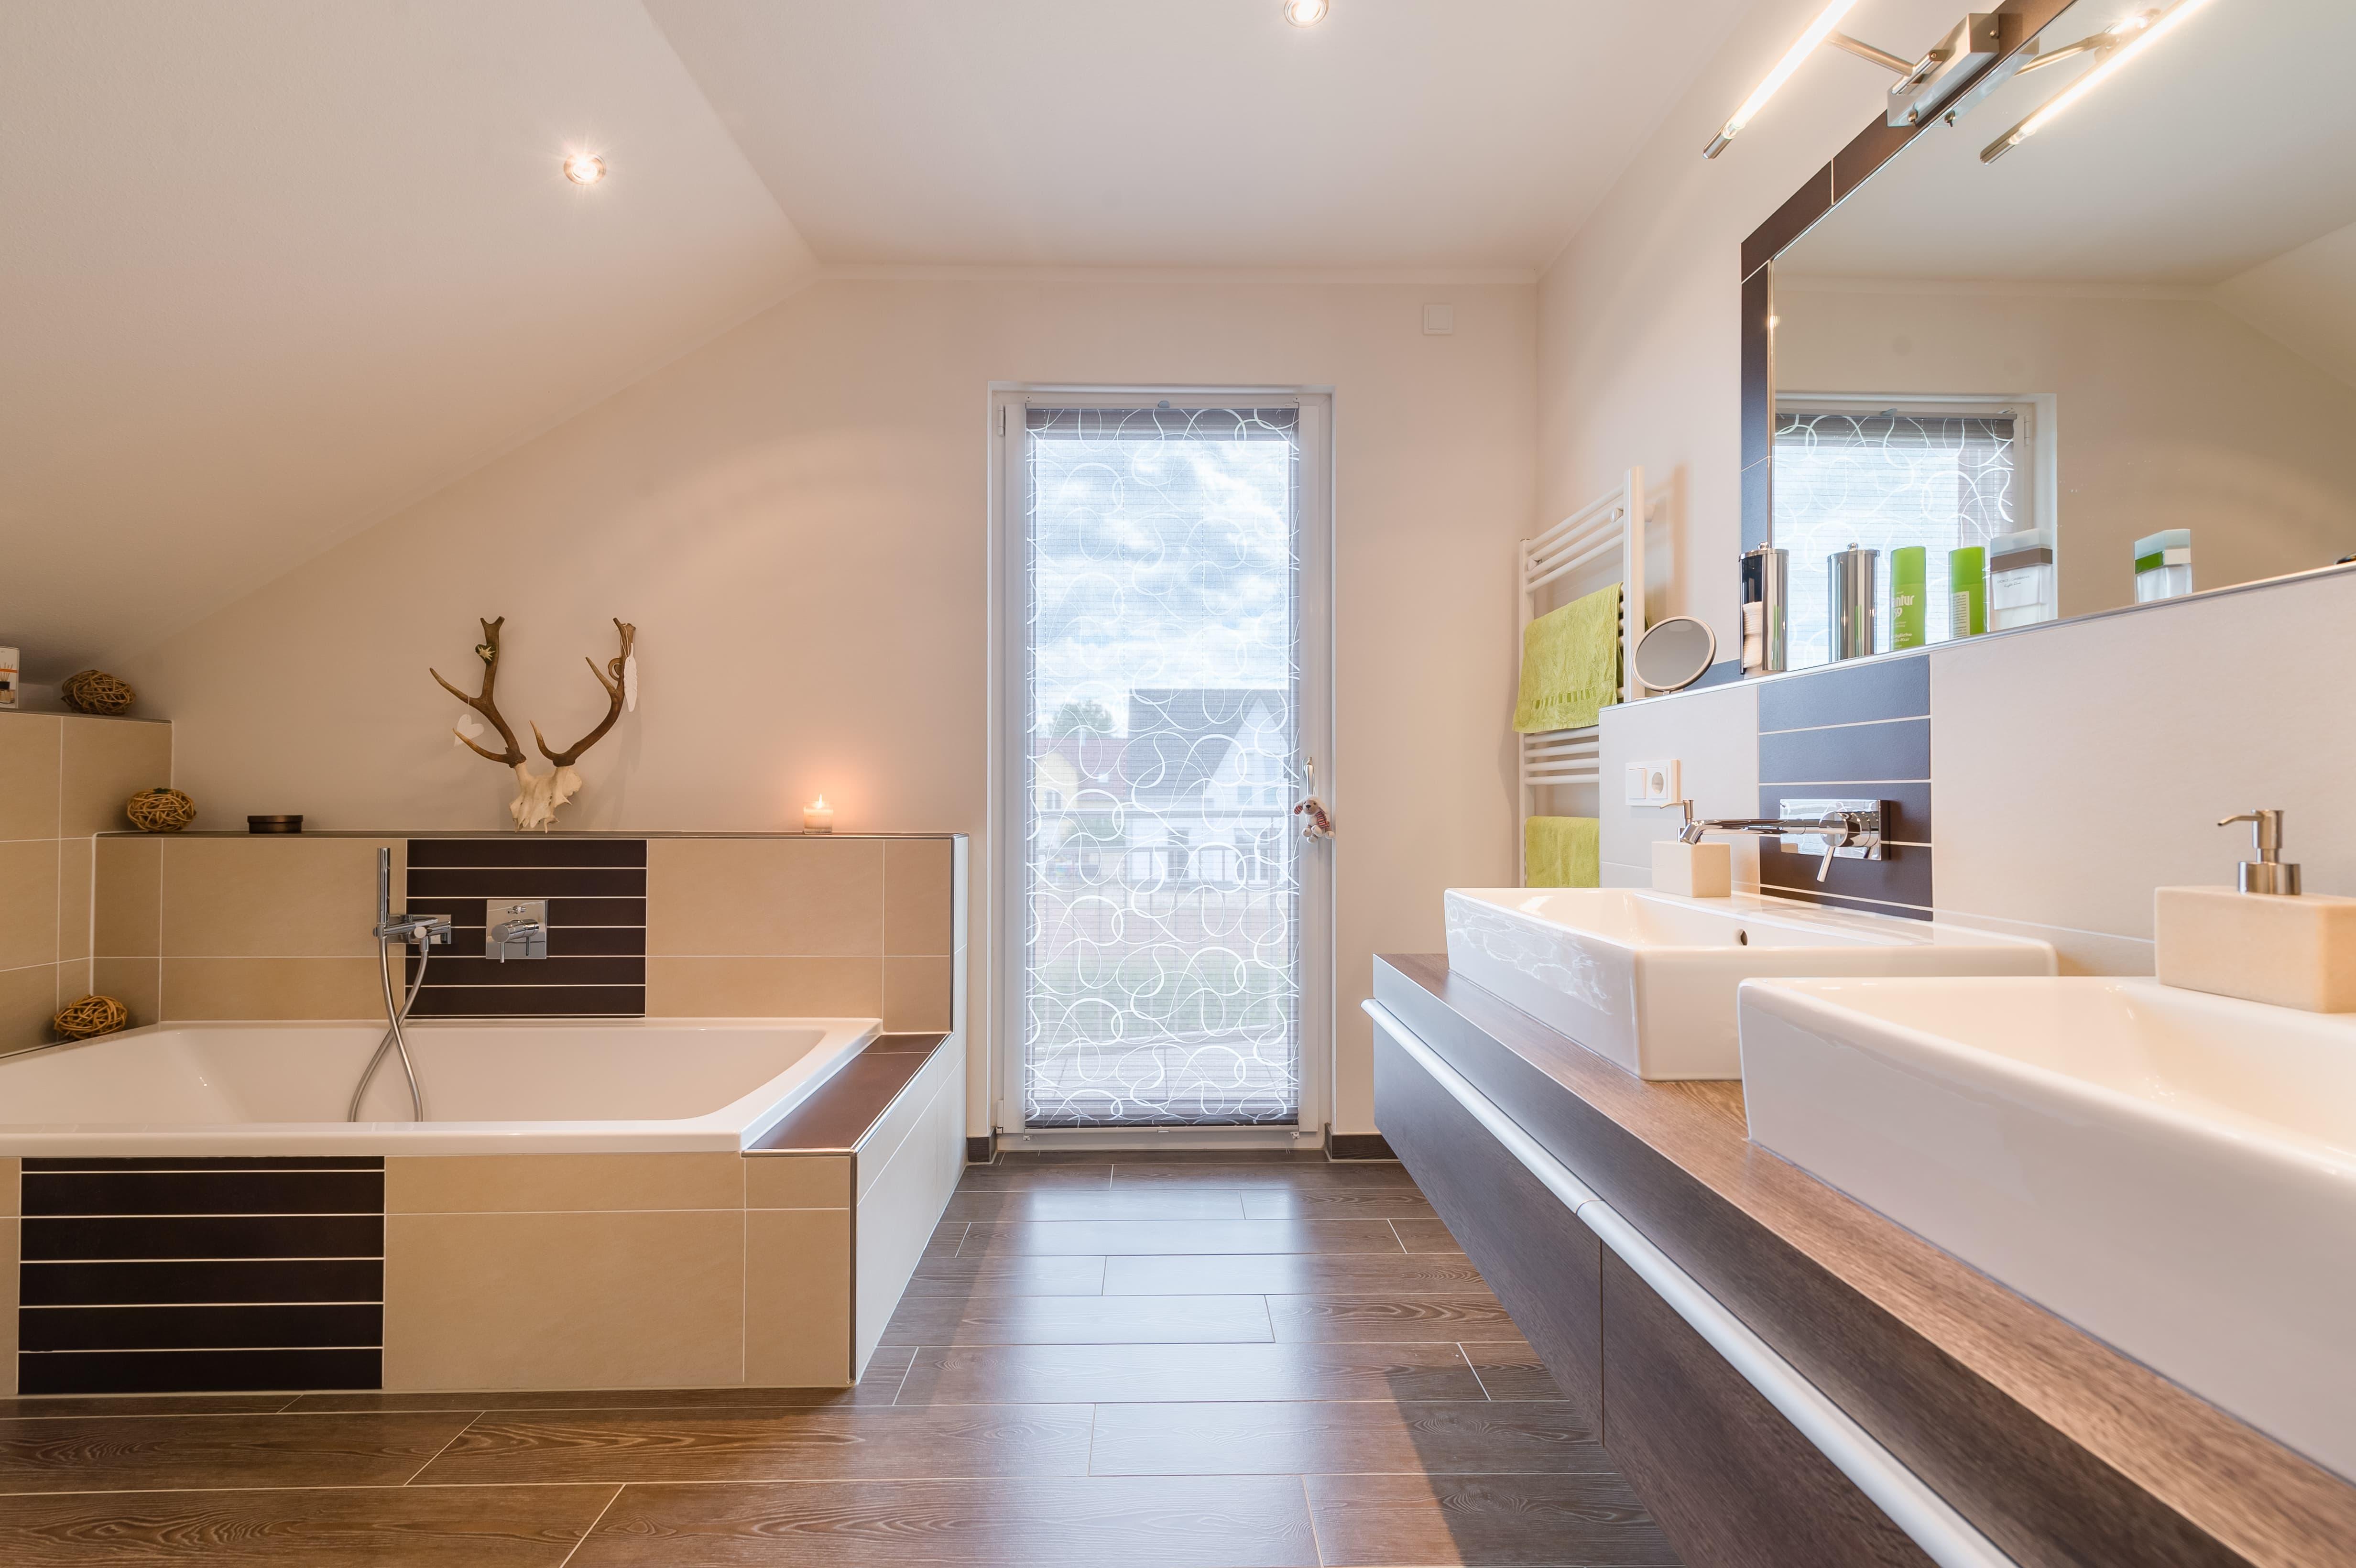 ideen f r das heimische bad. Black Bedroom Furniture Sets. Home Design Ideas